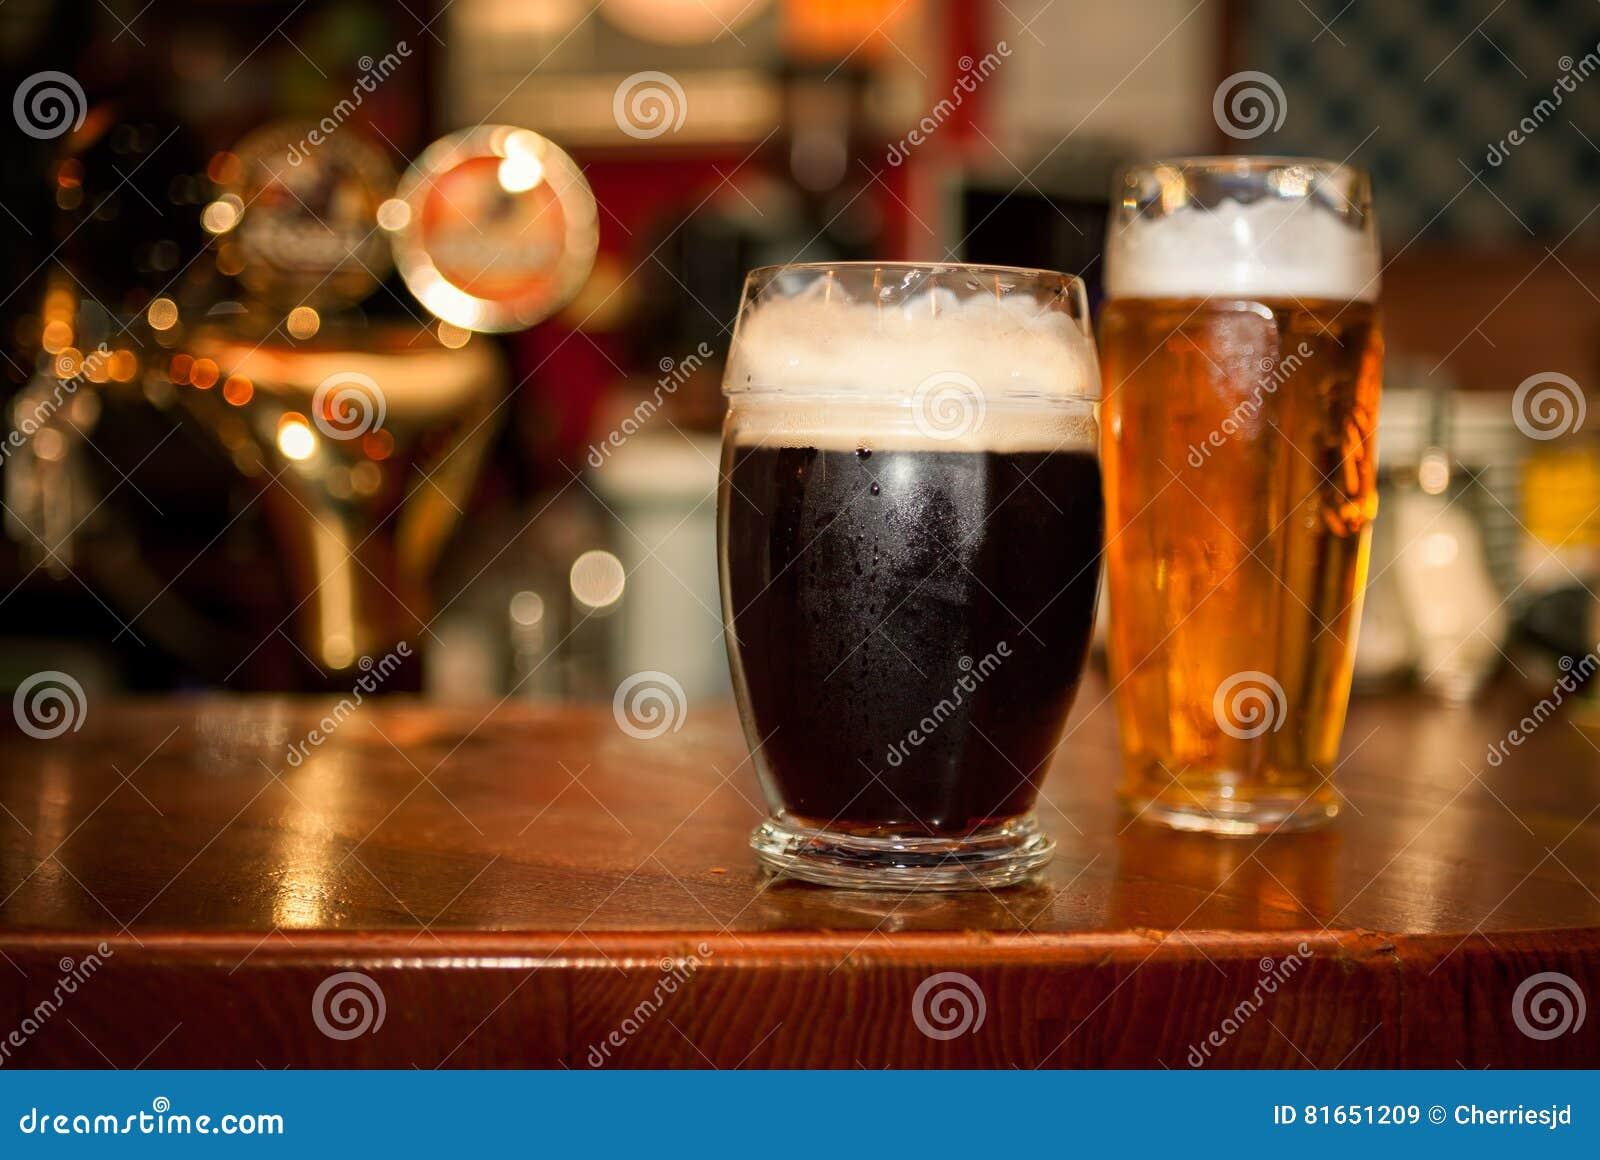 Kallt mörkt öl i exponeringsglas